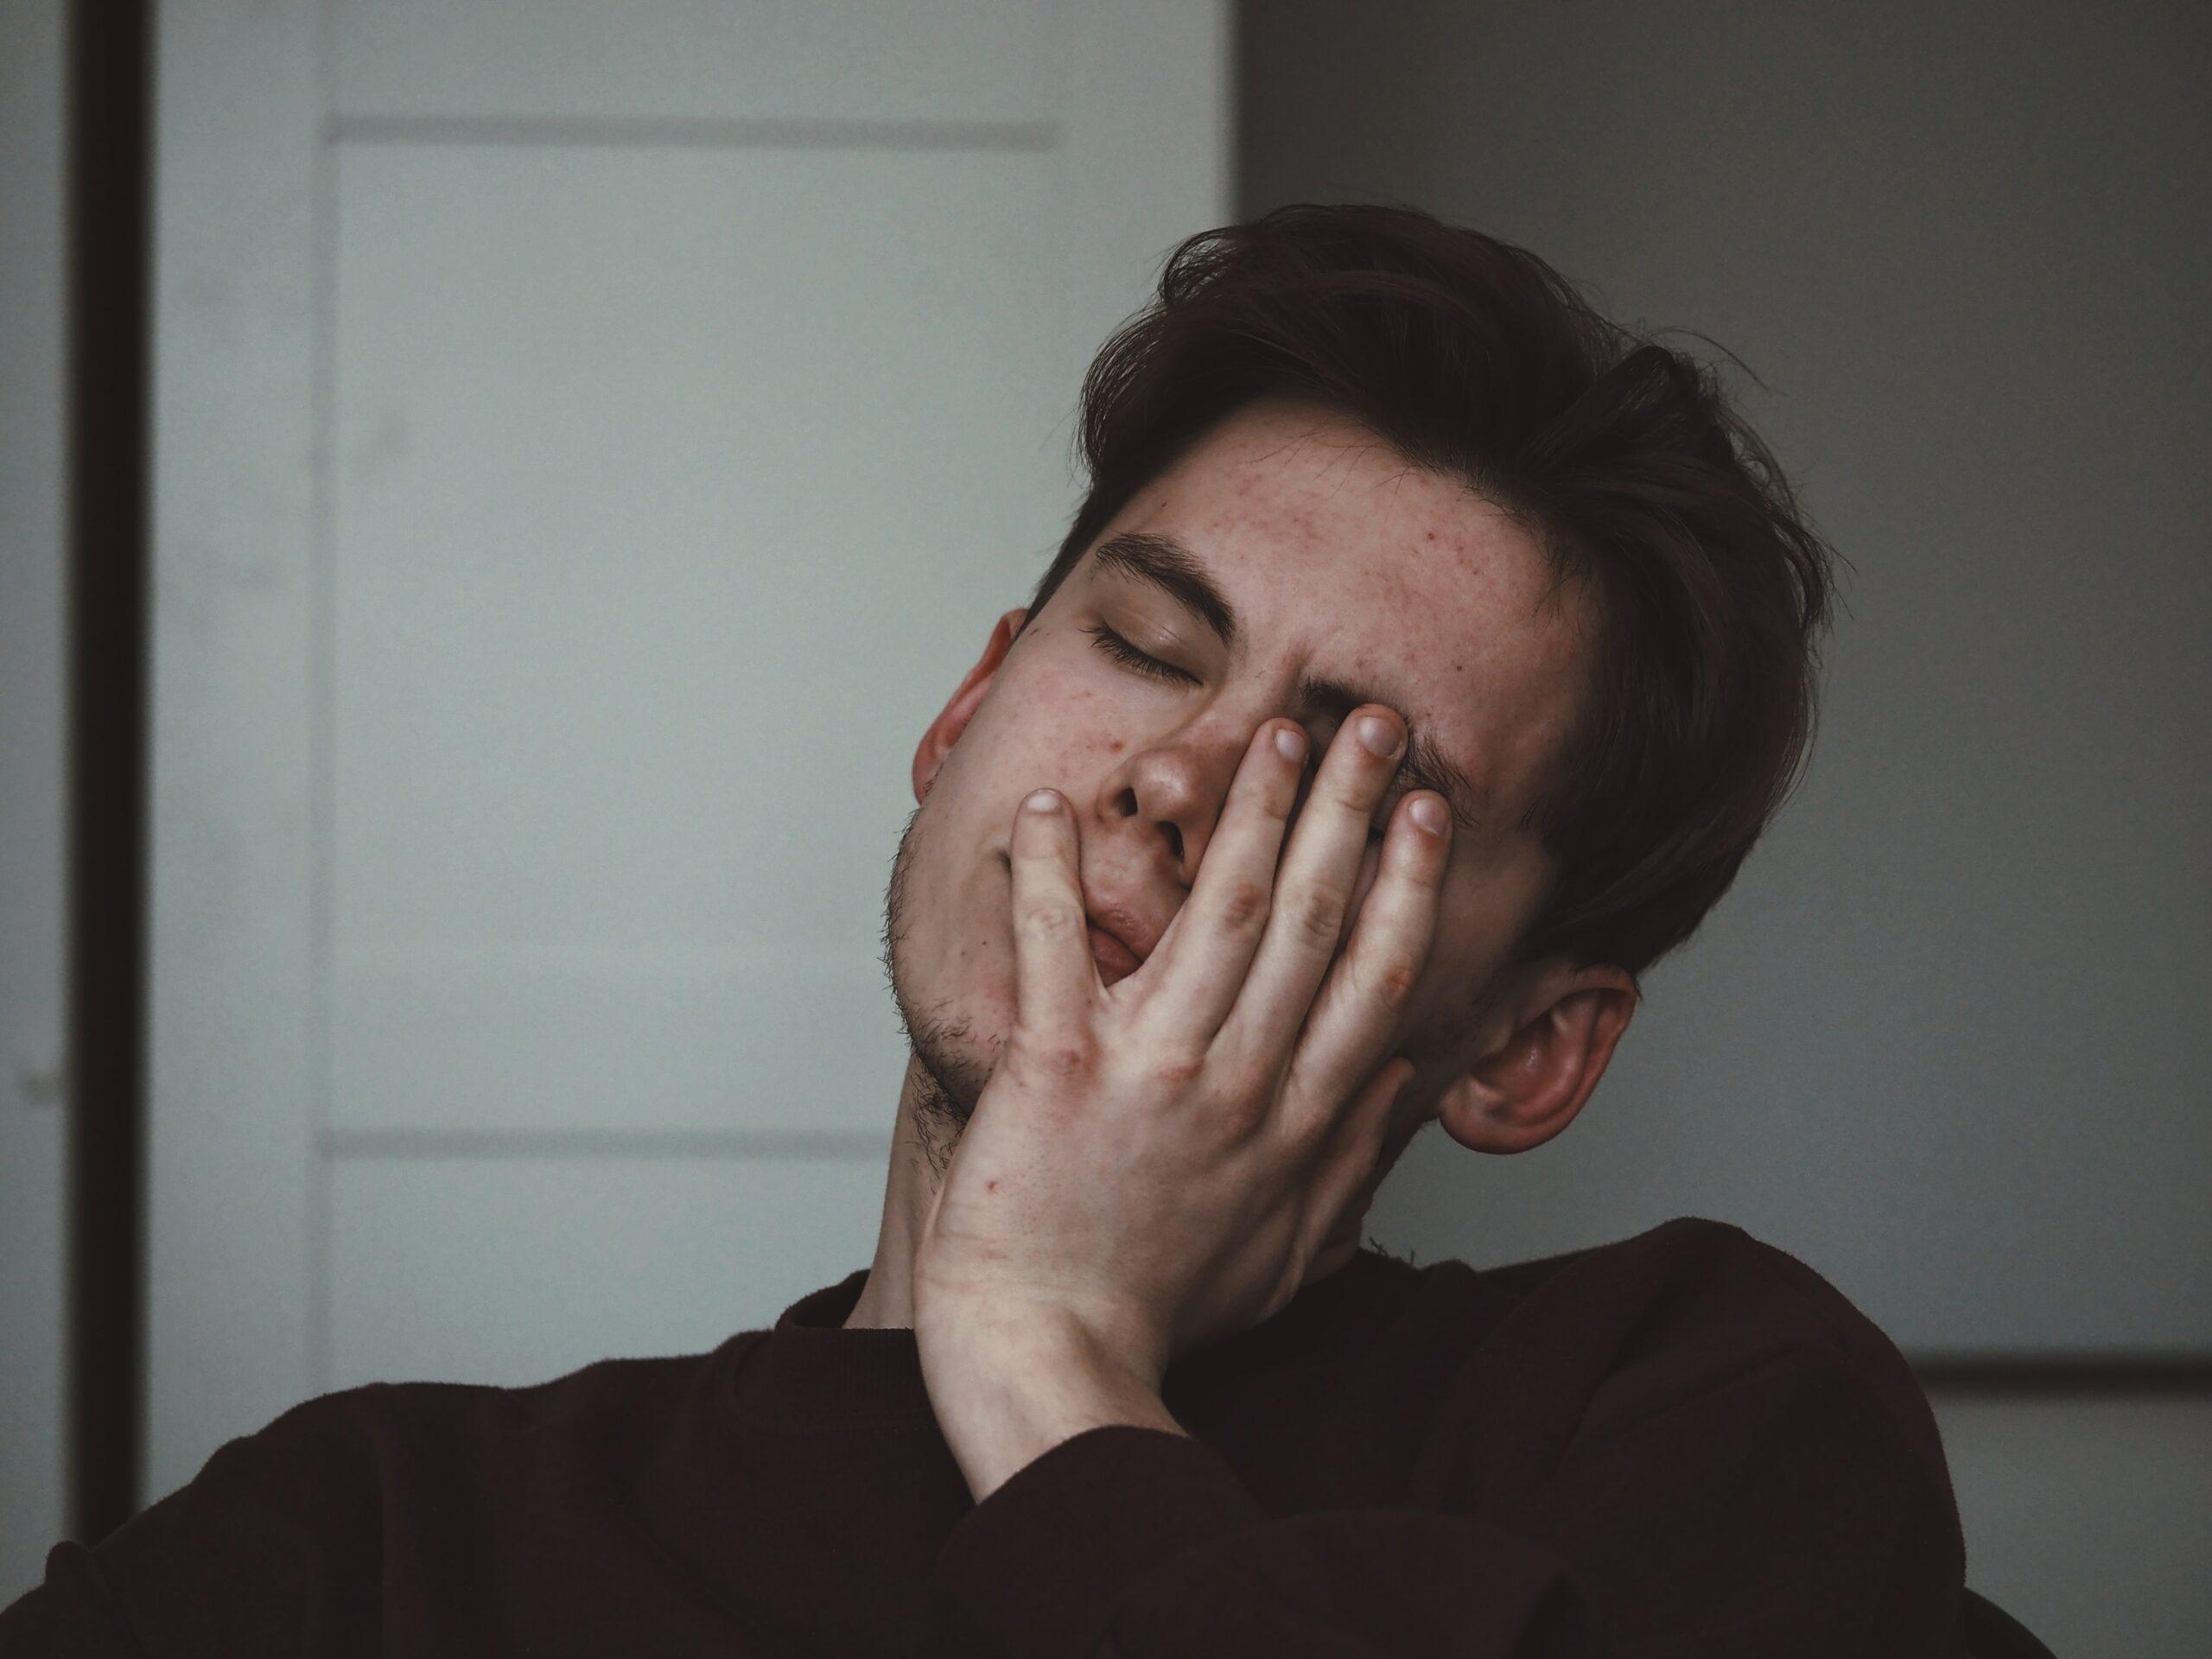 empréstimo-online-homem-desesperado